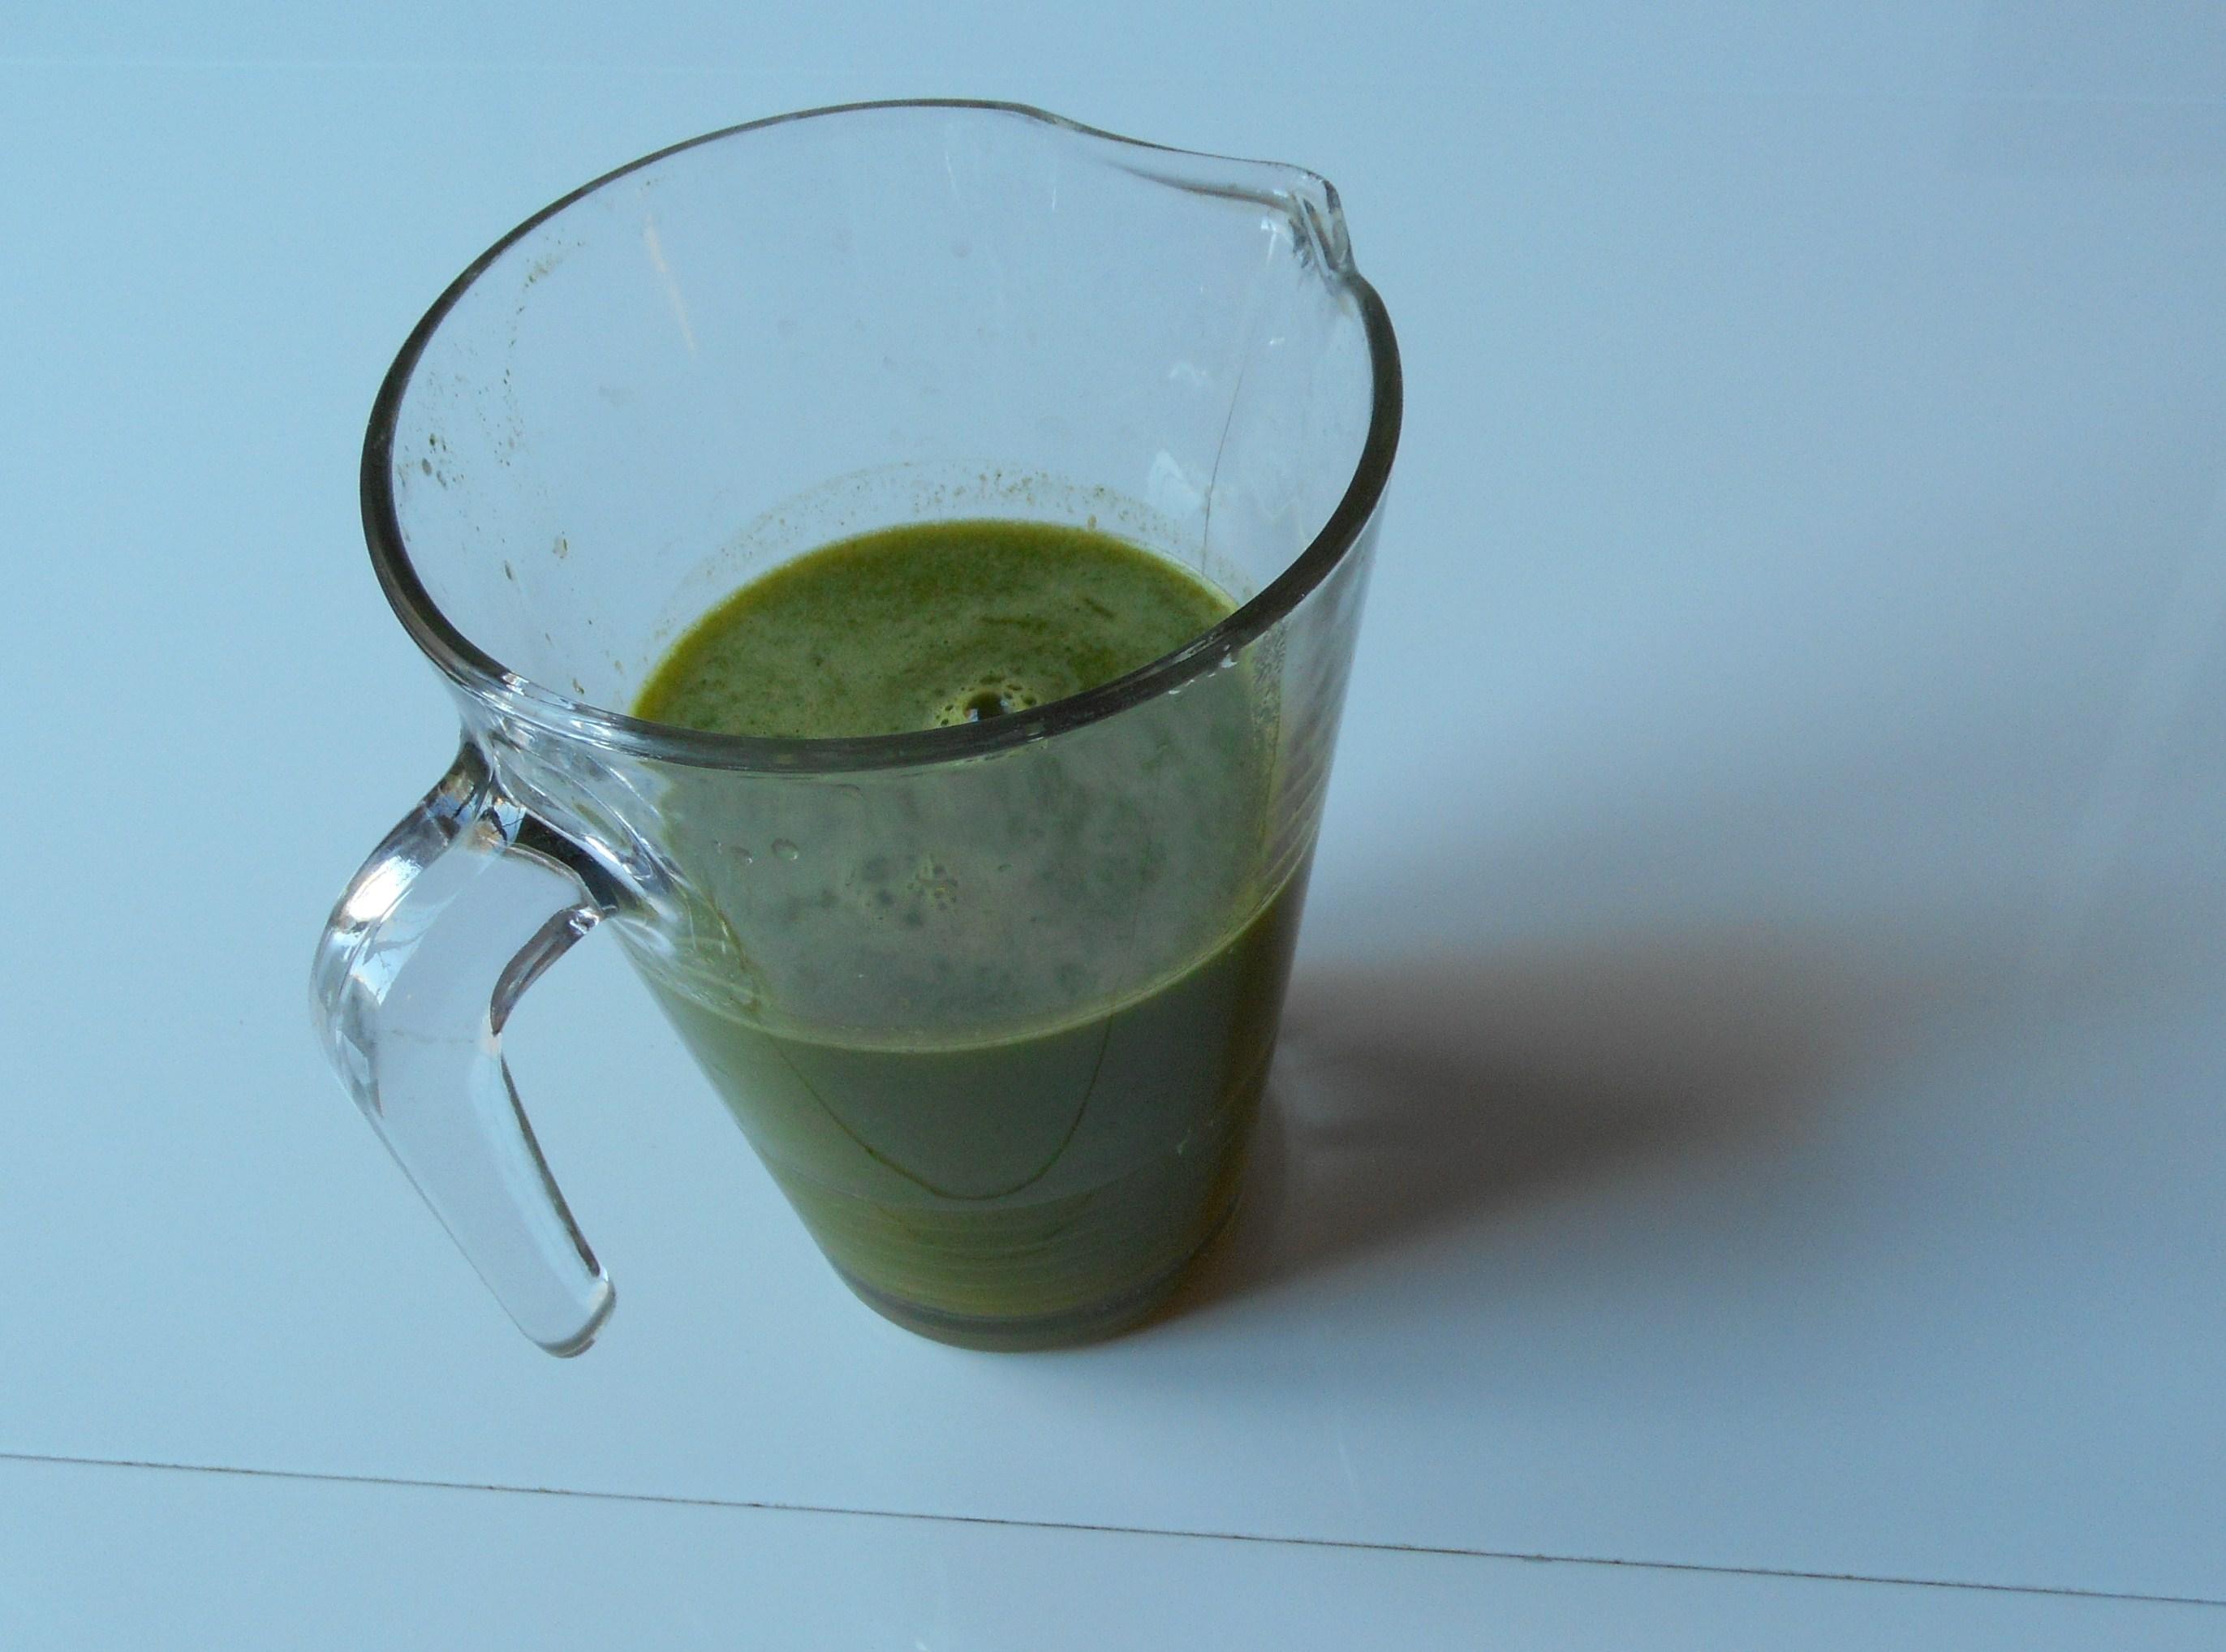 Le jus de persil calcium et vitamine c sont l 39 honneur vitaality jus de fruits frais - Comment congeler le persil ...